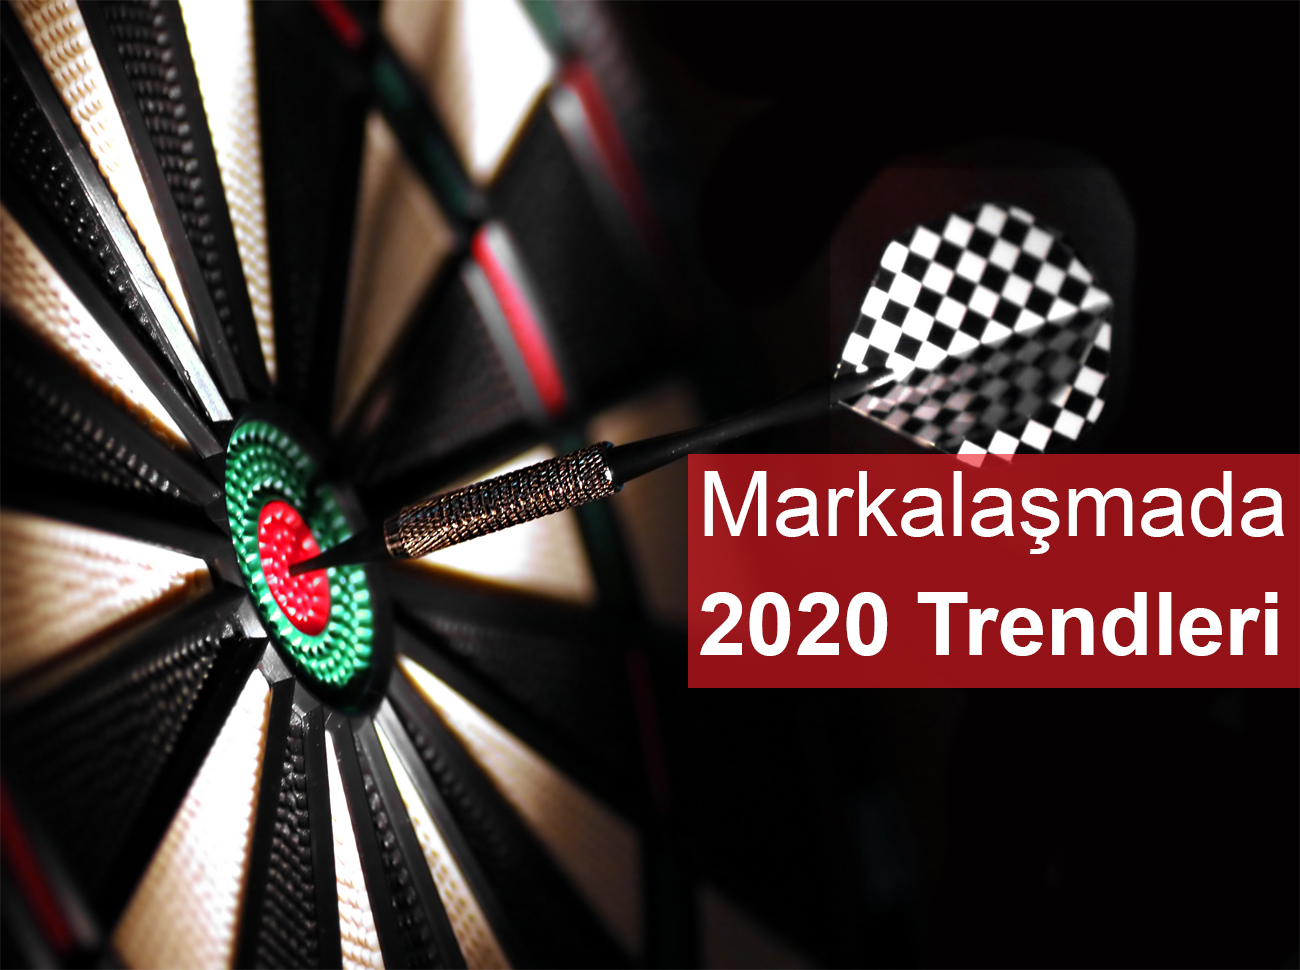 Markalaşmada 2020 Trendleri Ne Olacak?